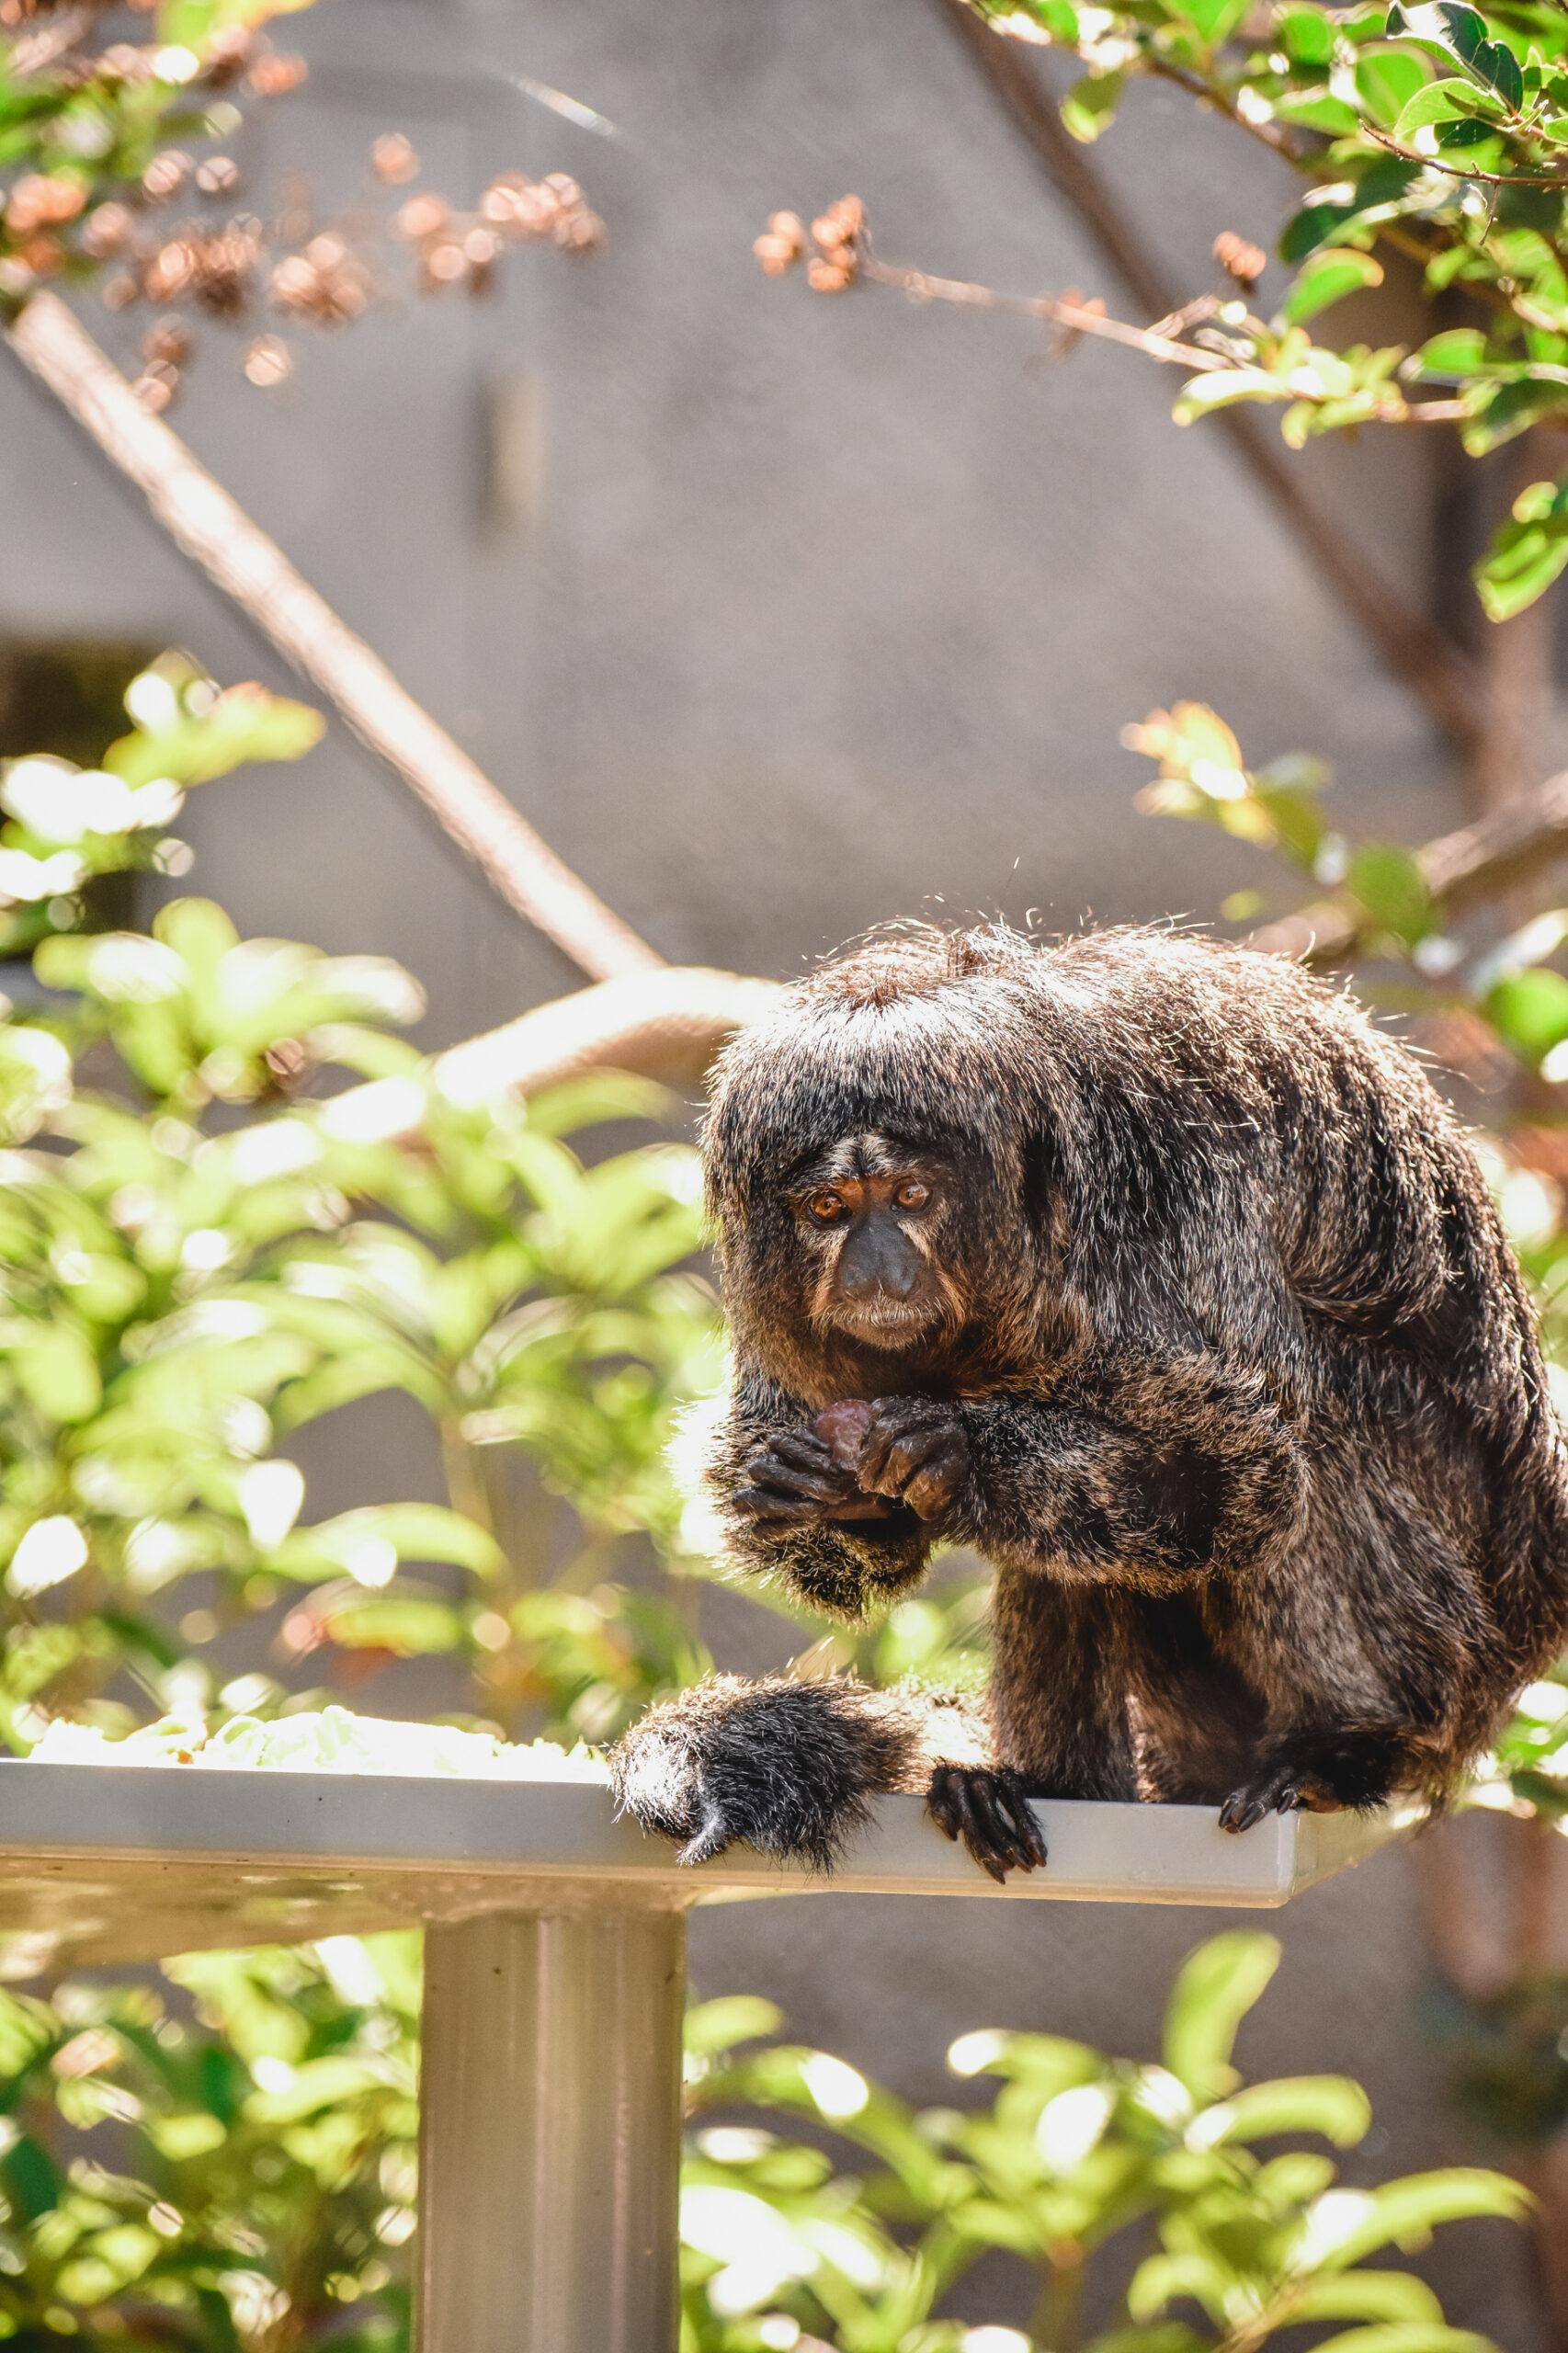 Female saki monkey sitting on a branch